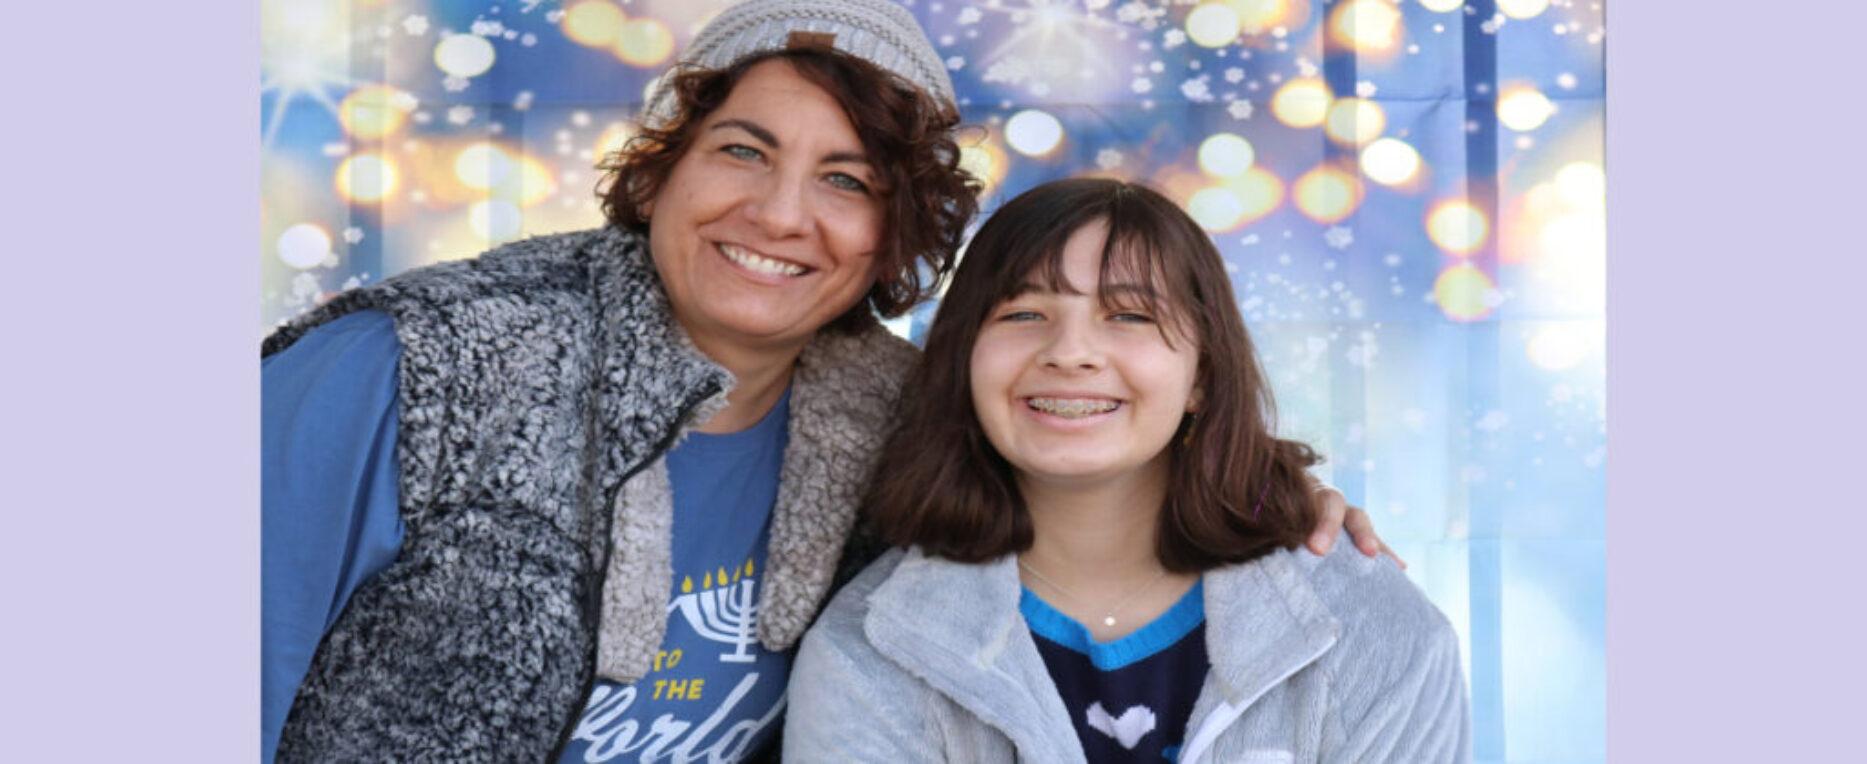 Hanukkah Segal and daughter 12 12 2020